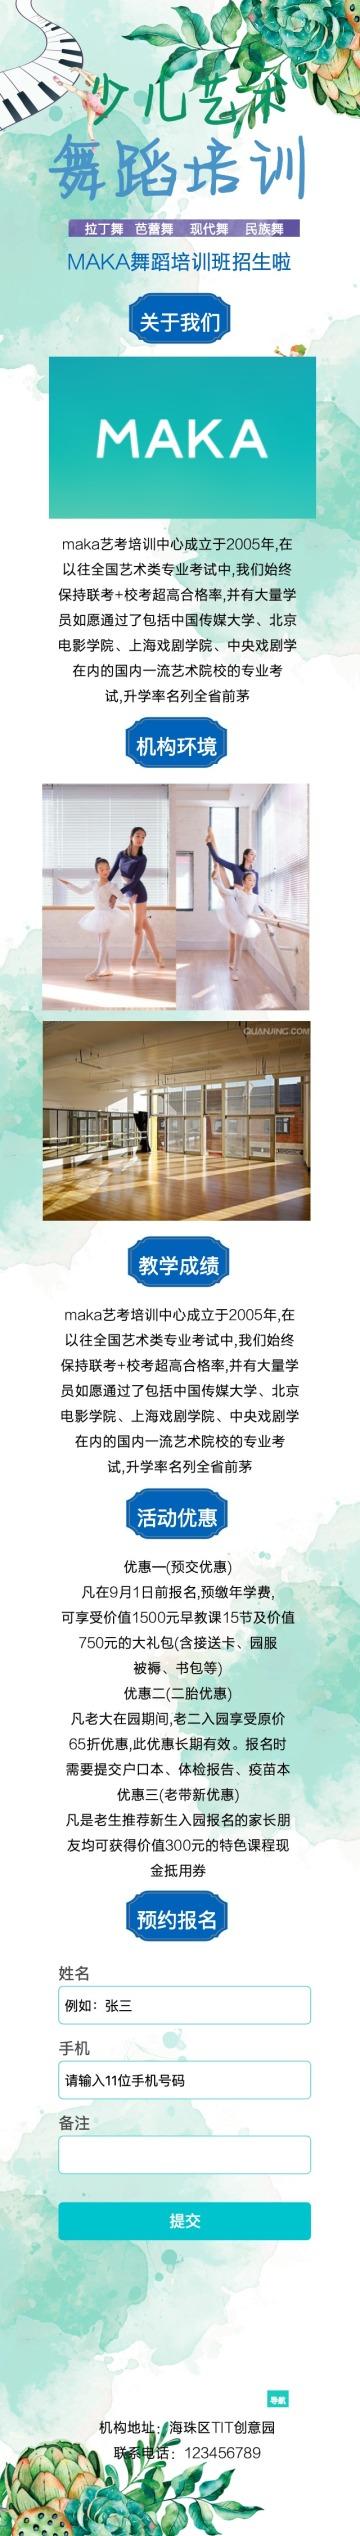 清新简约教育培训舞蹈兴趣班招生介绍推广单页